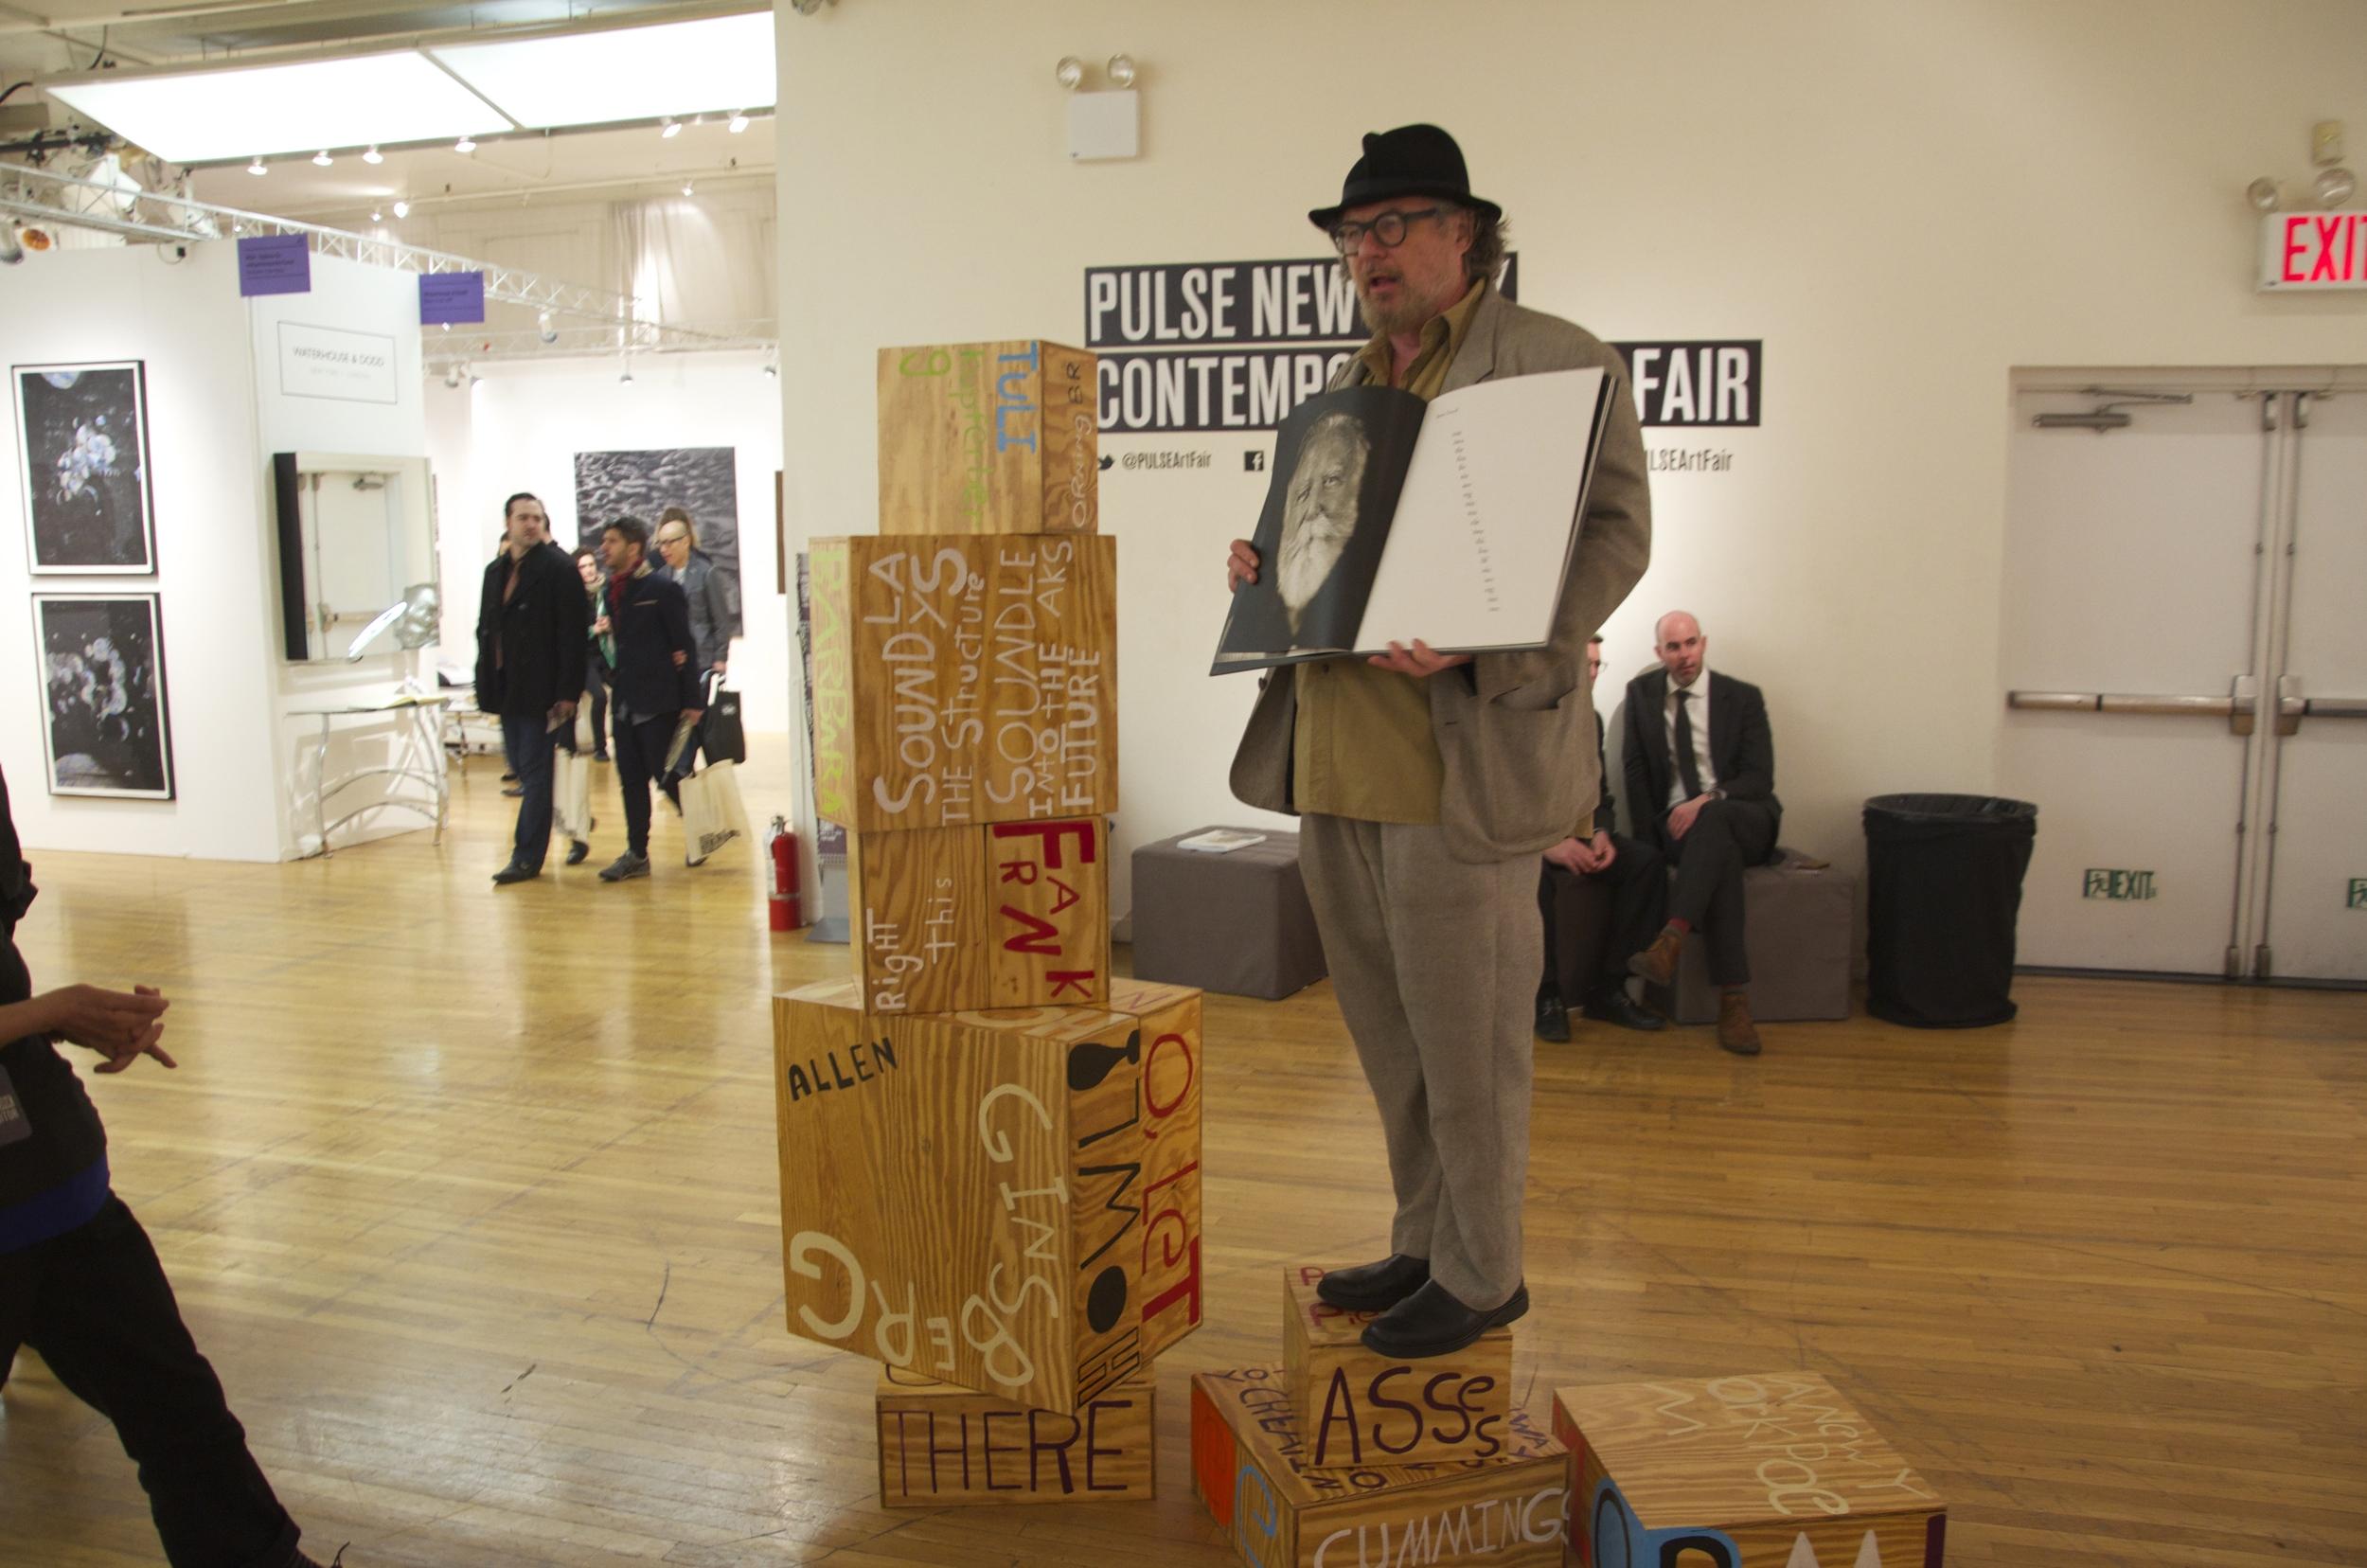 oet Sculpture PULSE Art Fair, Bob Holman, New York, NY 2014.jpg